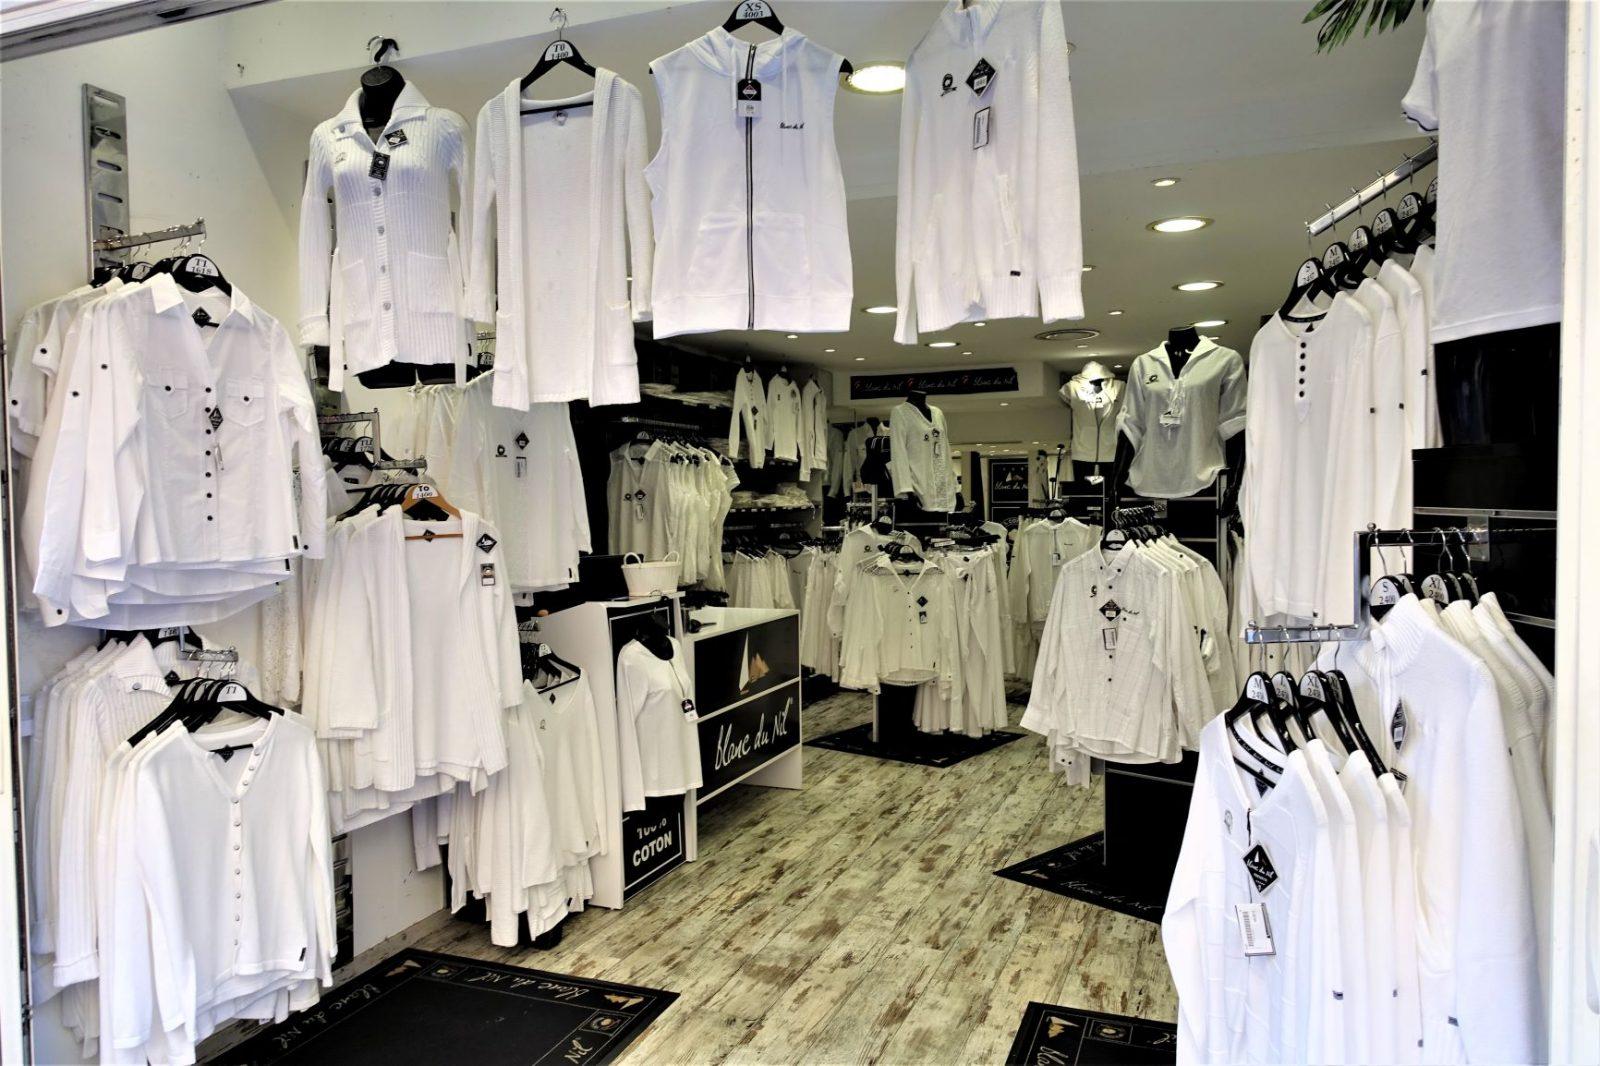 Butikk i Nice som selger kun hvite klær i bomull